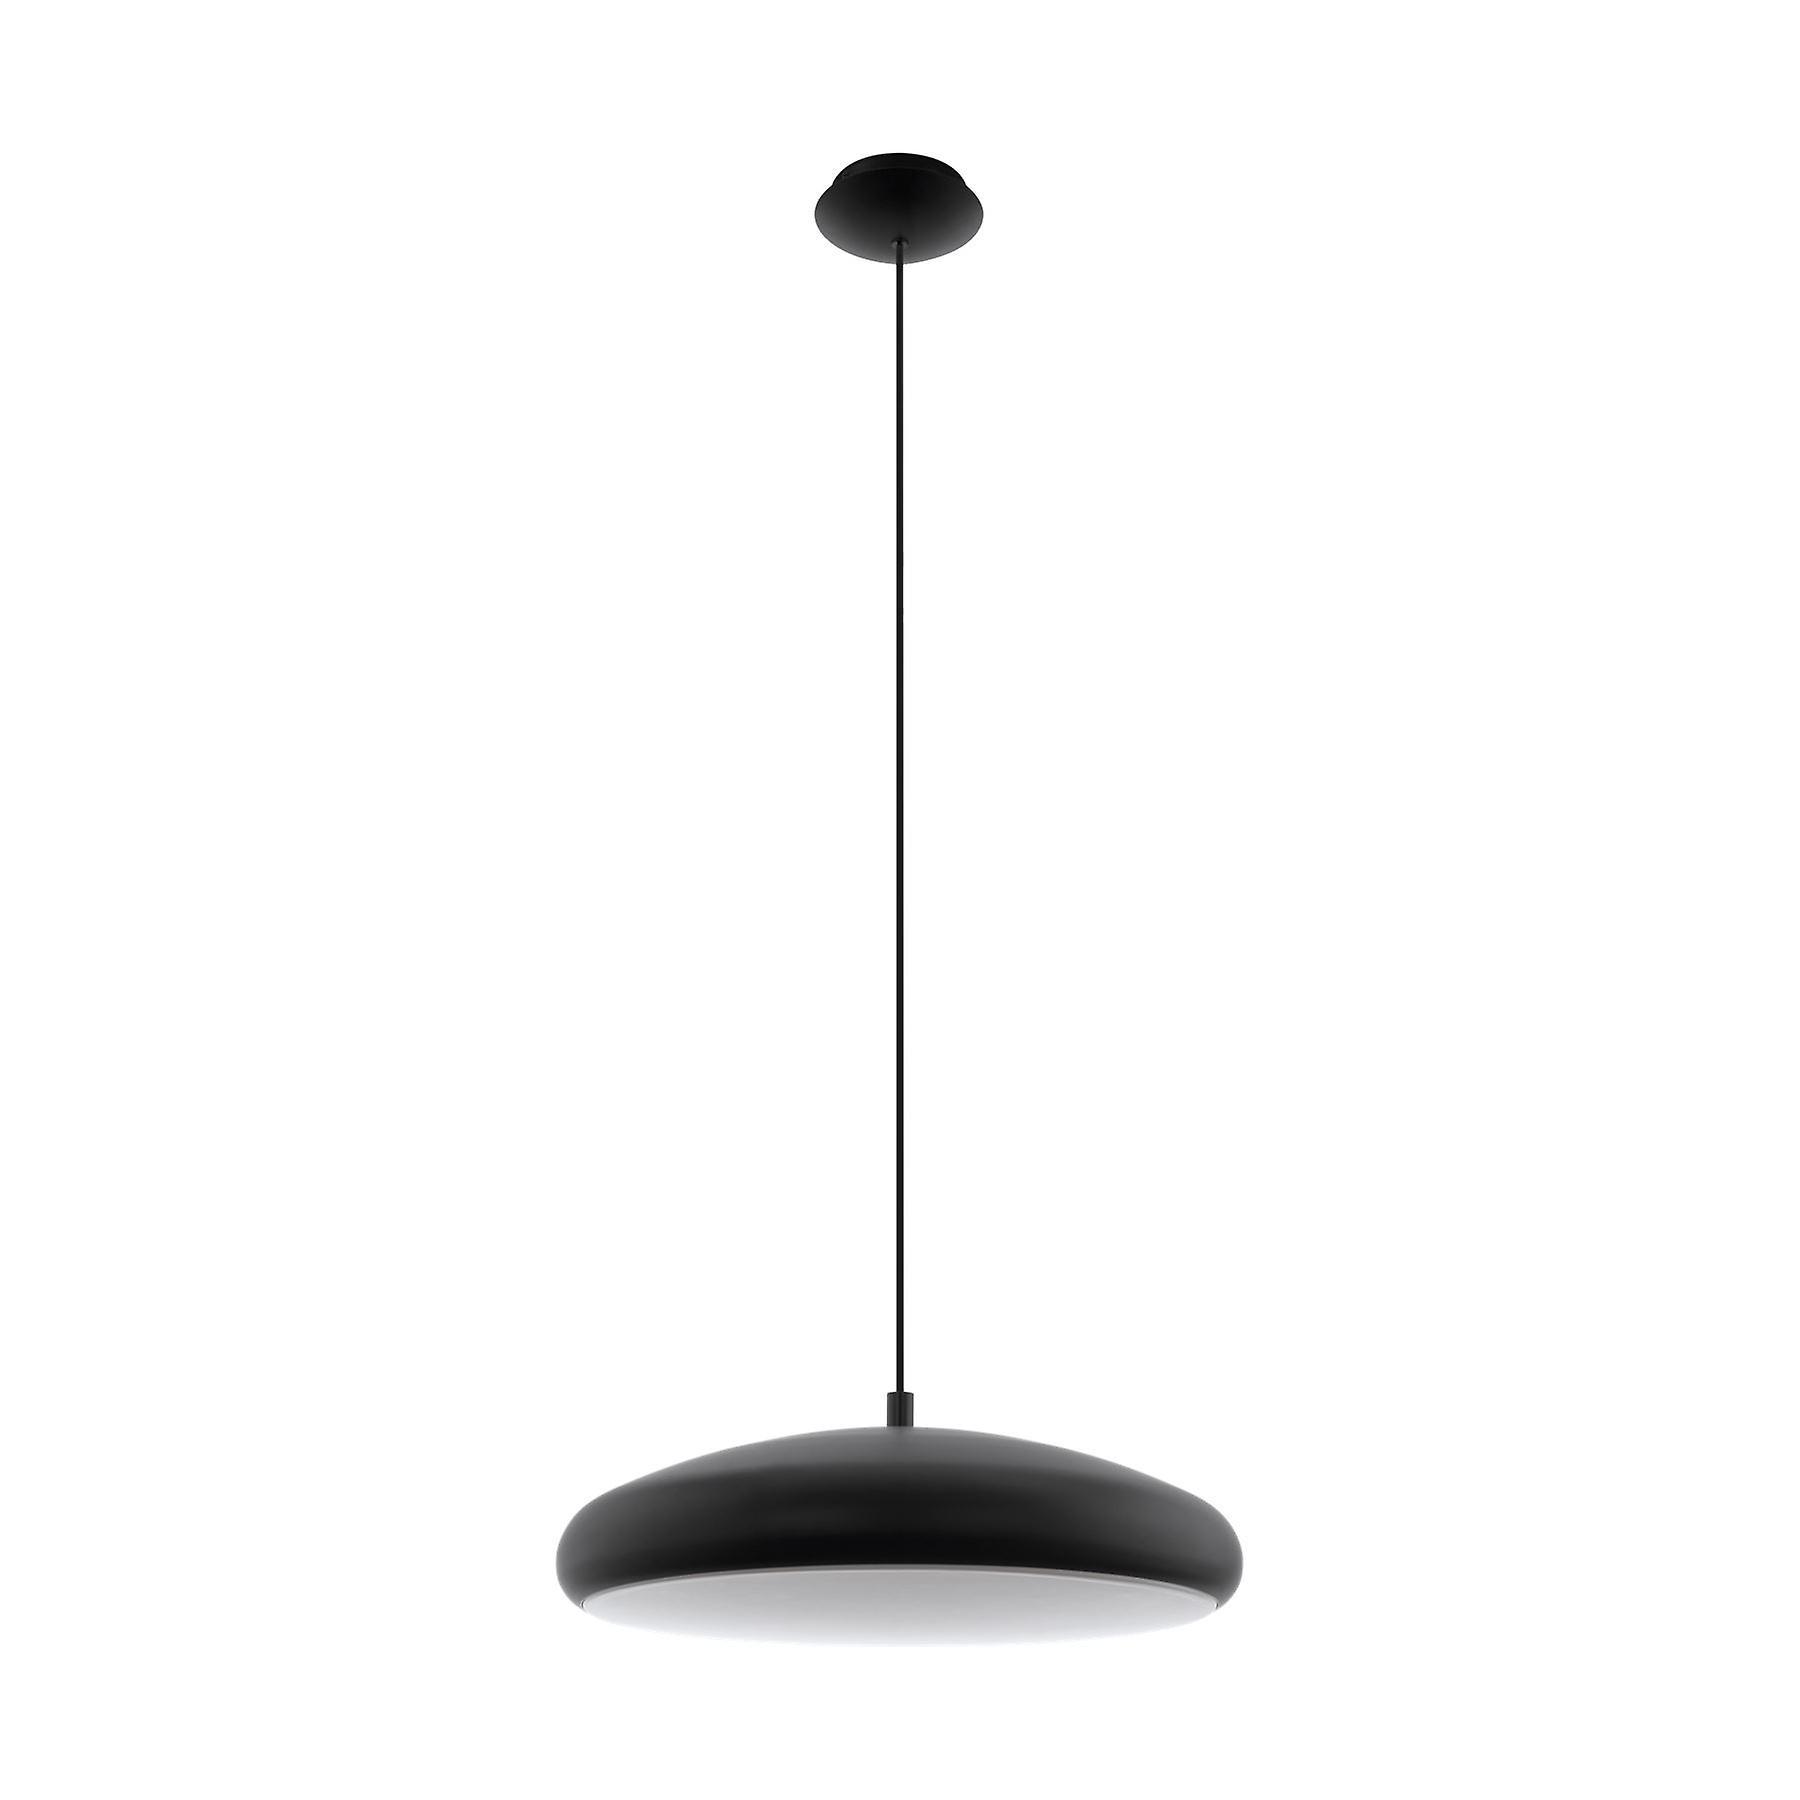 Eglo - Riodeva-C LED Ceiling Pendant in noir And blanc Finish EG96997